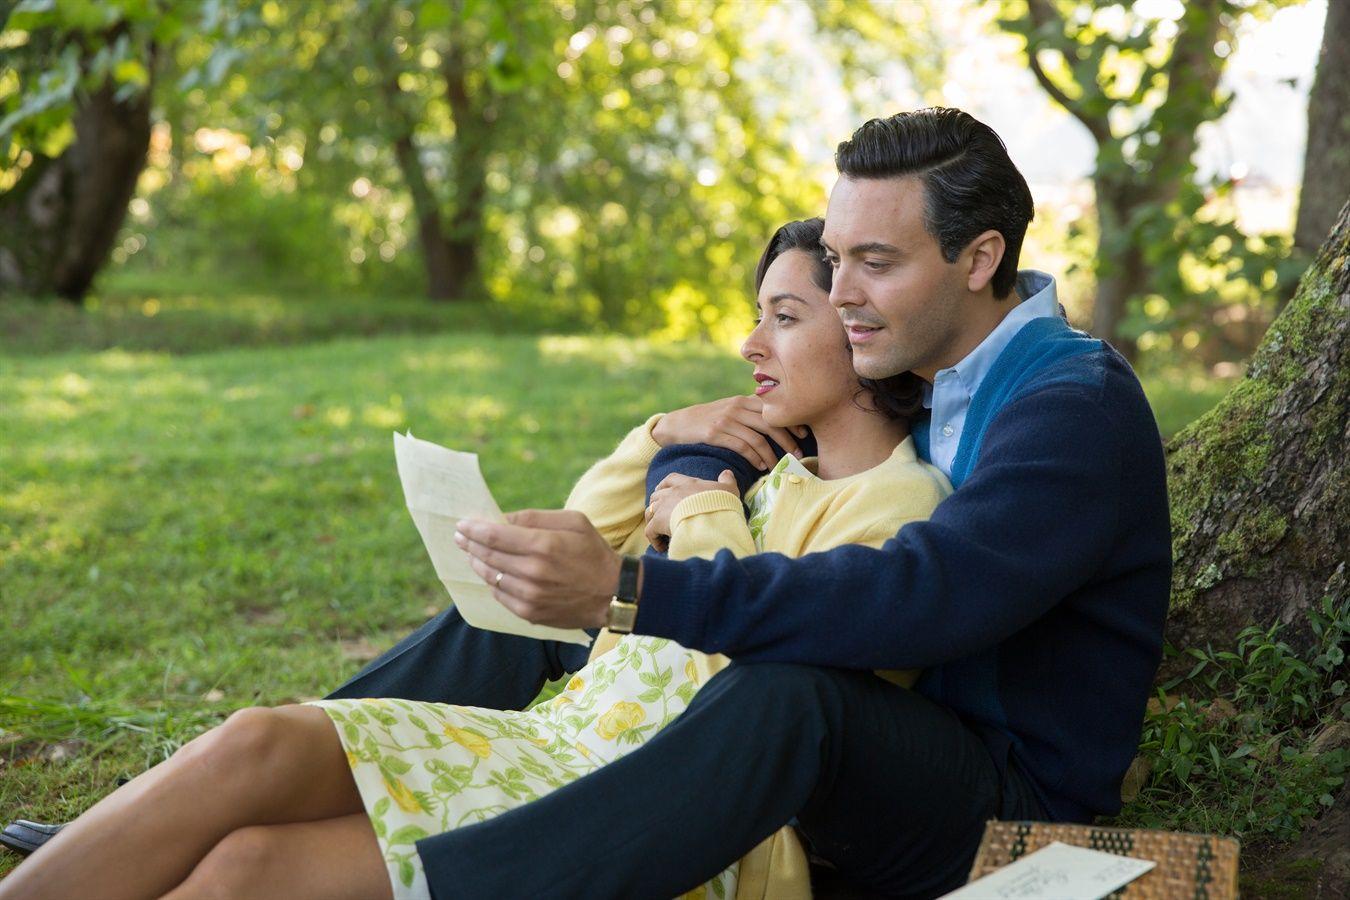 Yakin Mau Membangun Masa Depan Bersamanya? Kalian Sudah Pernah Melakukan 8 Hal Ini Belum?